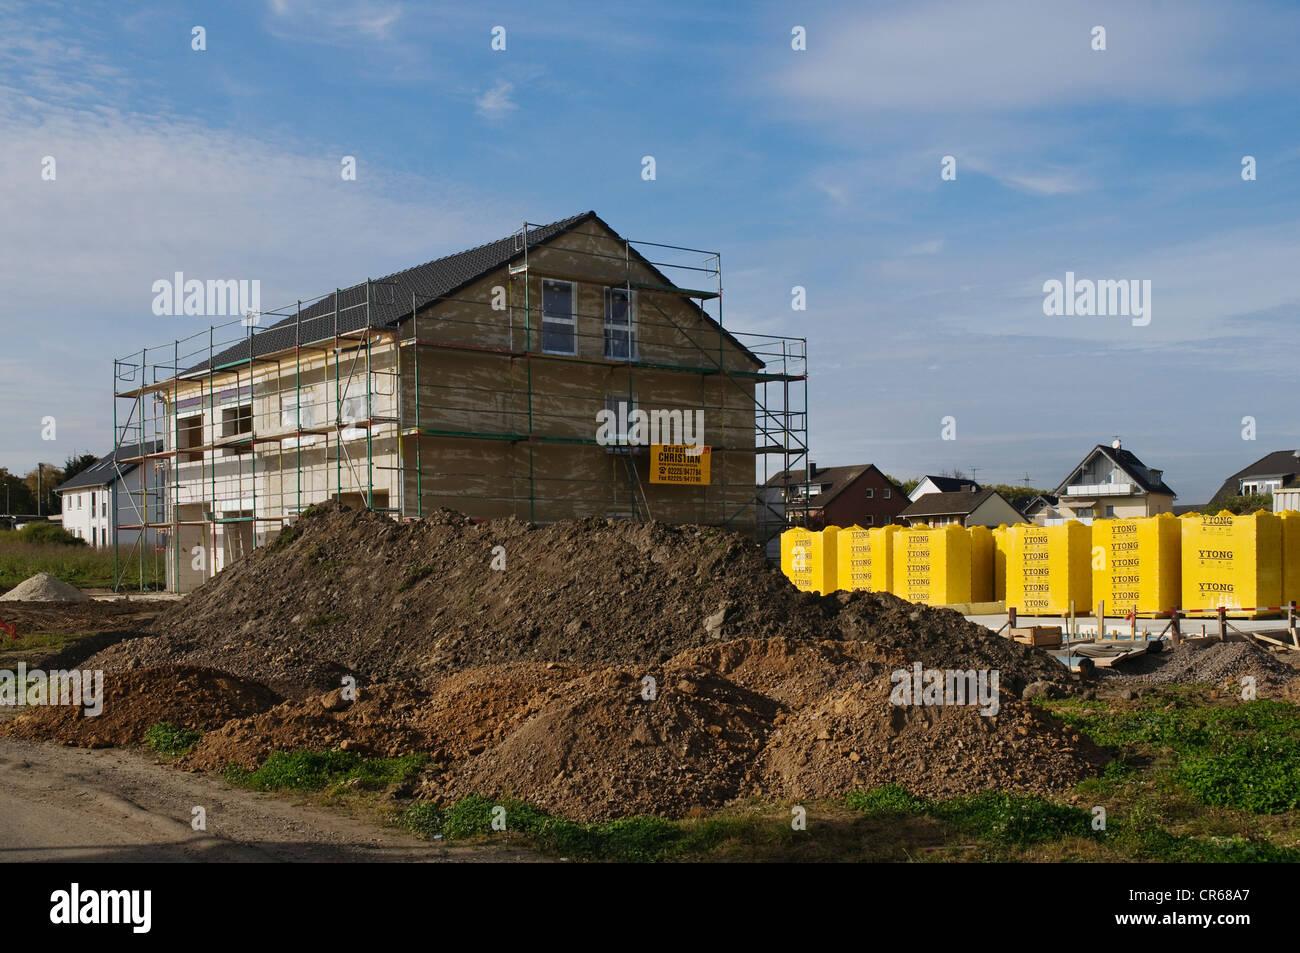 Baustelle, Styropor Dämmung gelagert neben einem Rohbau, umgeben von Gerüsten Stockbild